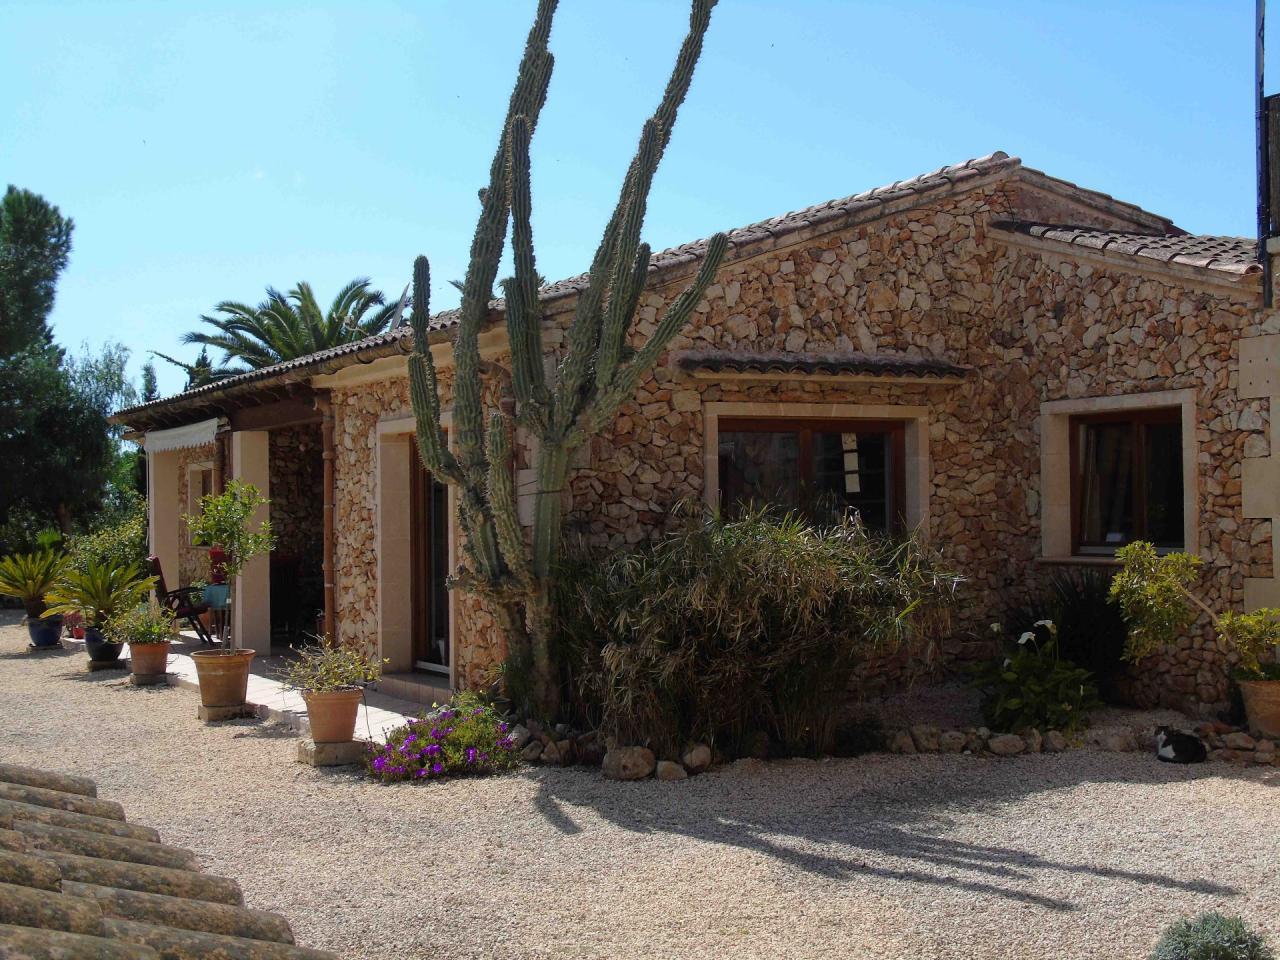 Espectacular casa rural con terreno cerca de campos vivat mallorca estate - Terenes casa rural ...